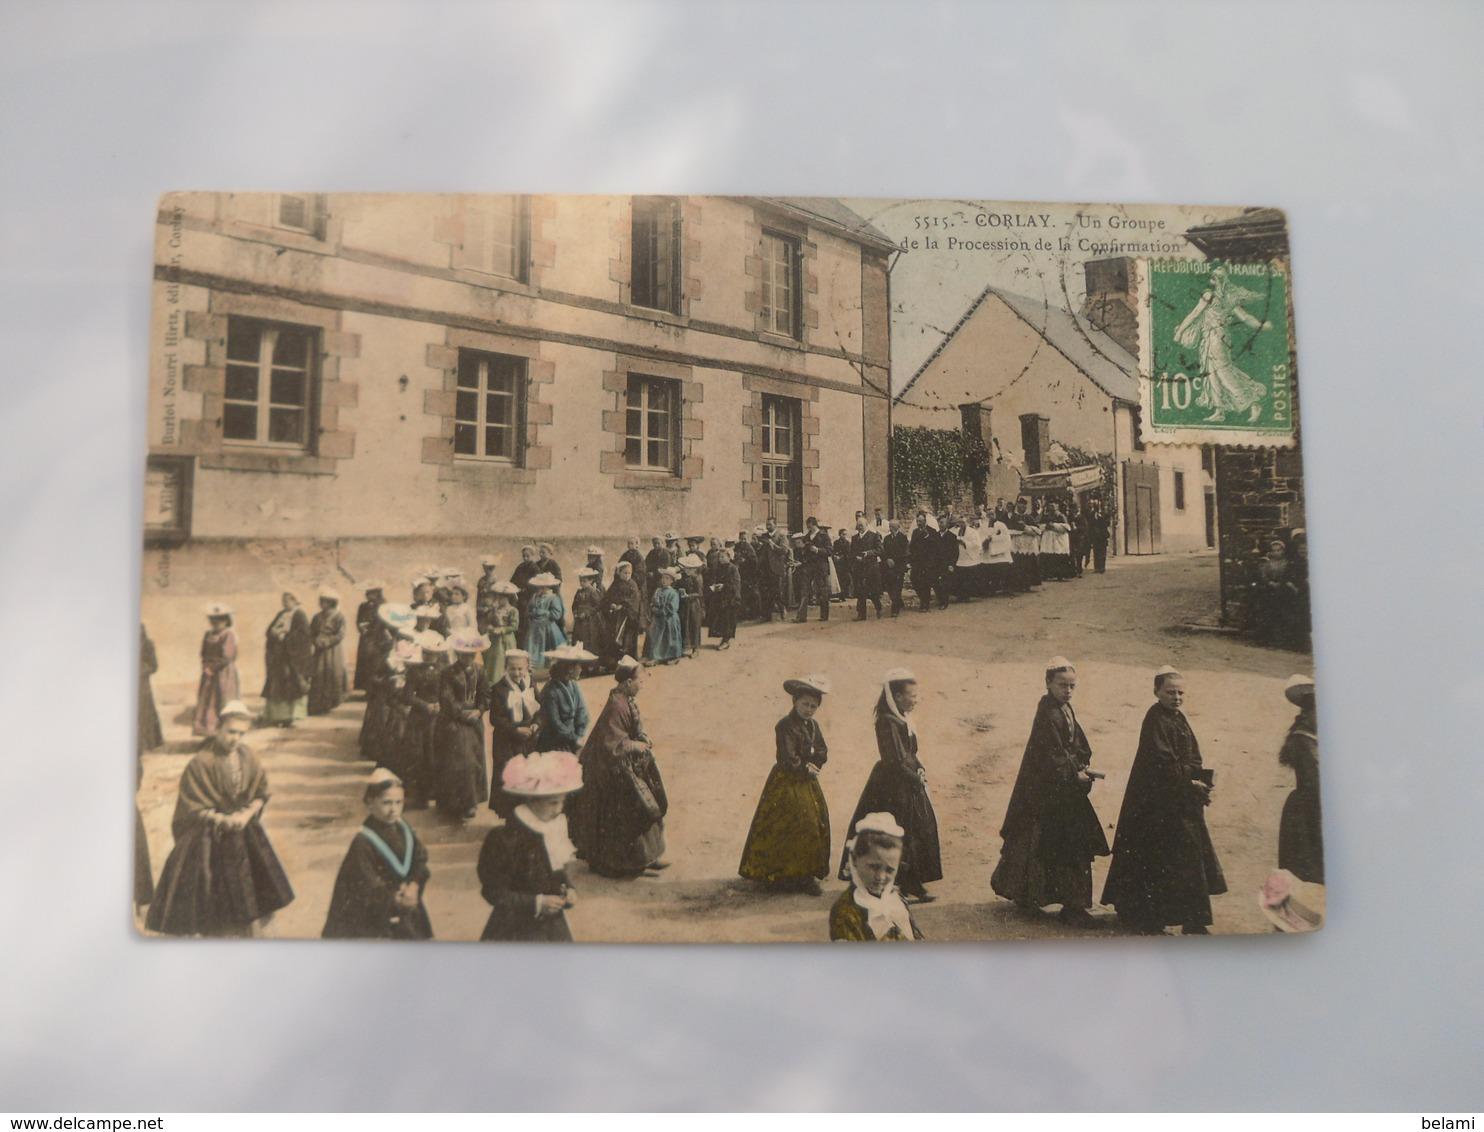 Cpa  **   Corlay  ***   Un Groupe De La Procession De La Confirmation ** Villard Luxe 5515 ** - France